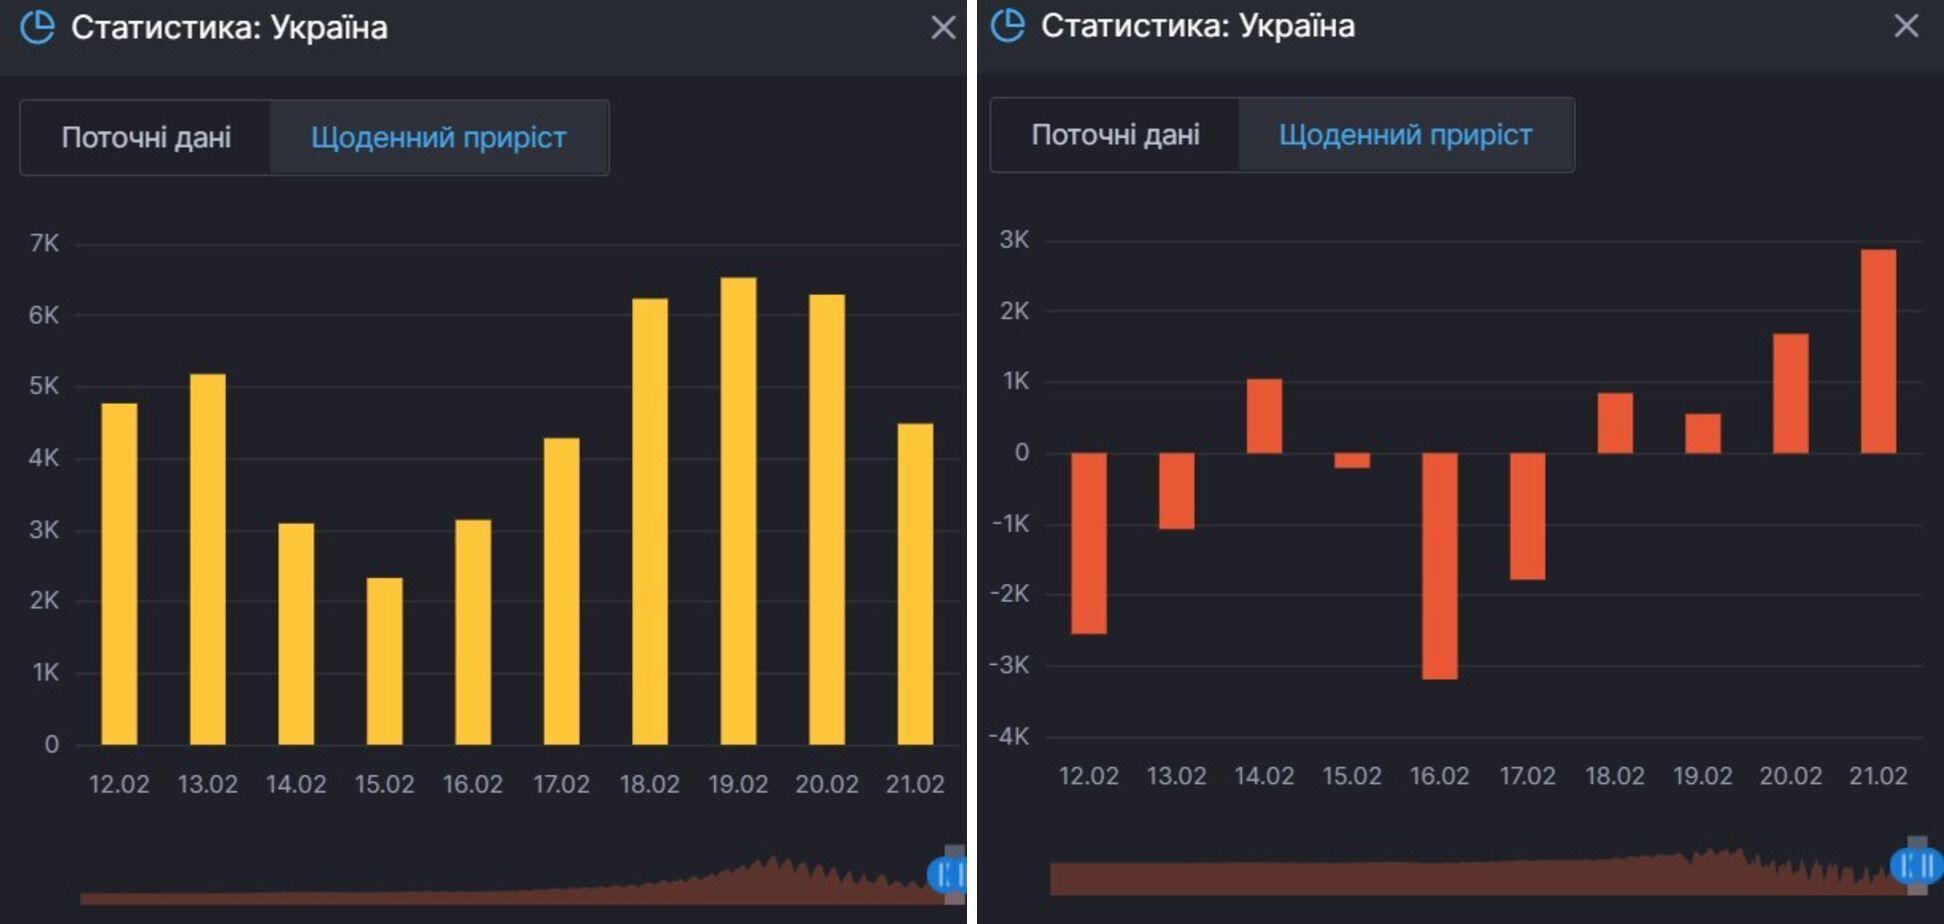 Приріст заражень COVID-19 і осіб, які продовжують хворіти на нього в Україні